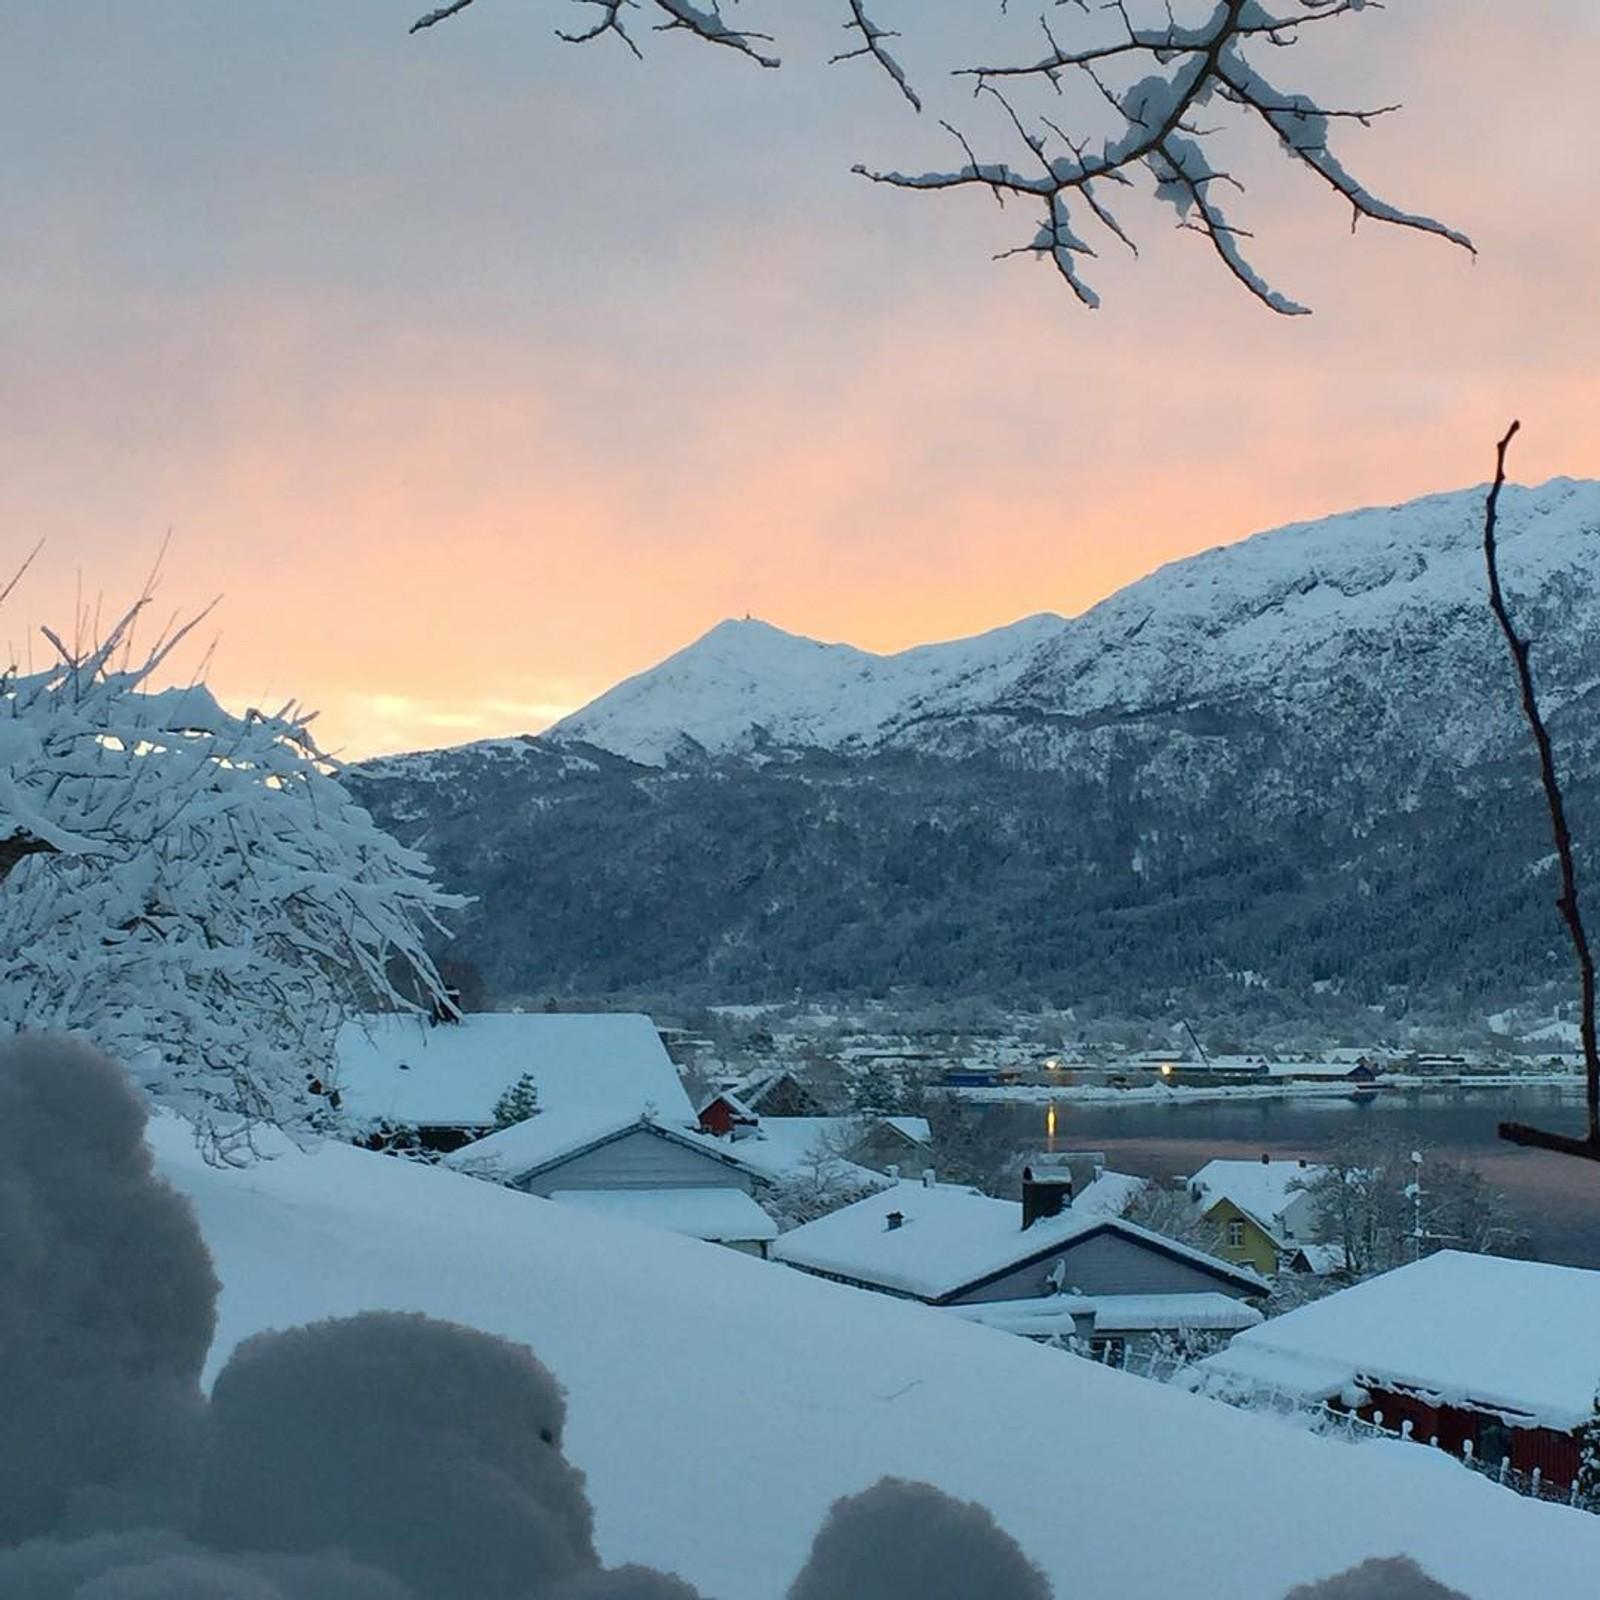 På Nordfjordeid er det skikkeleg vinter.